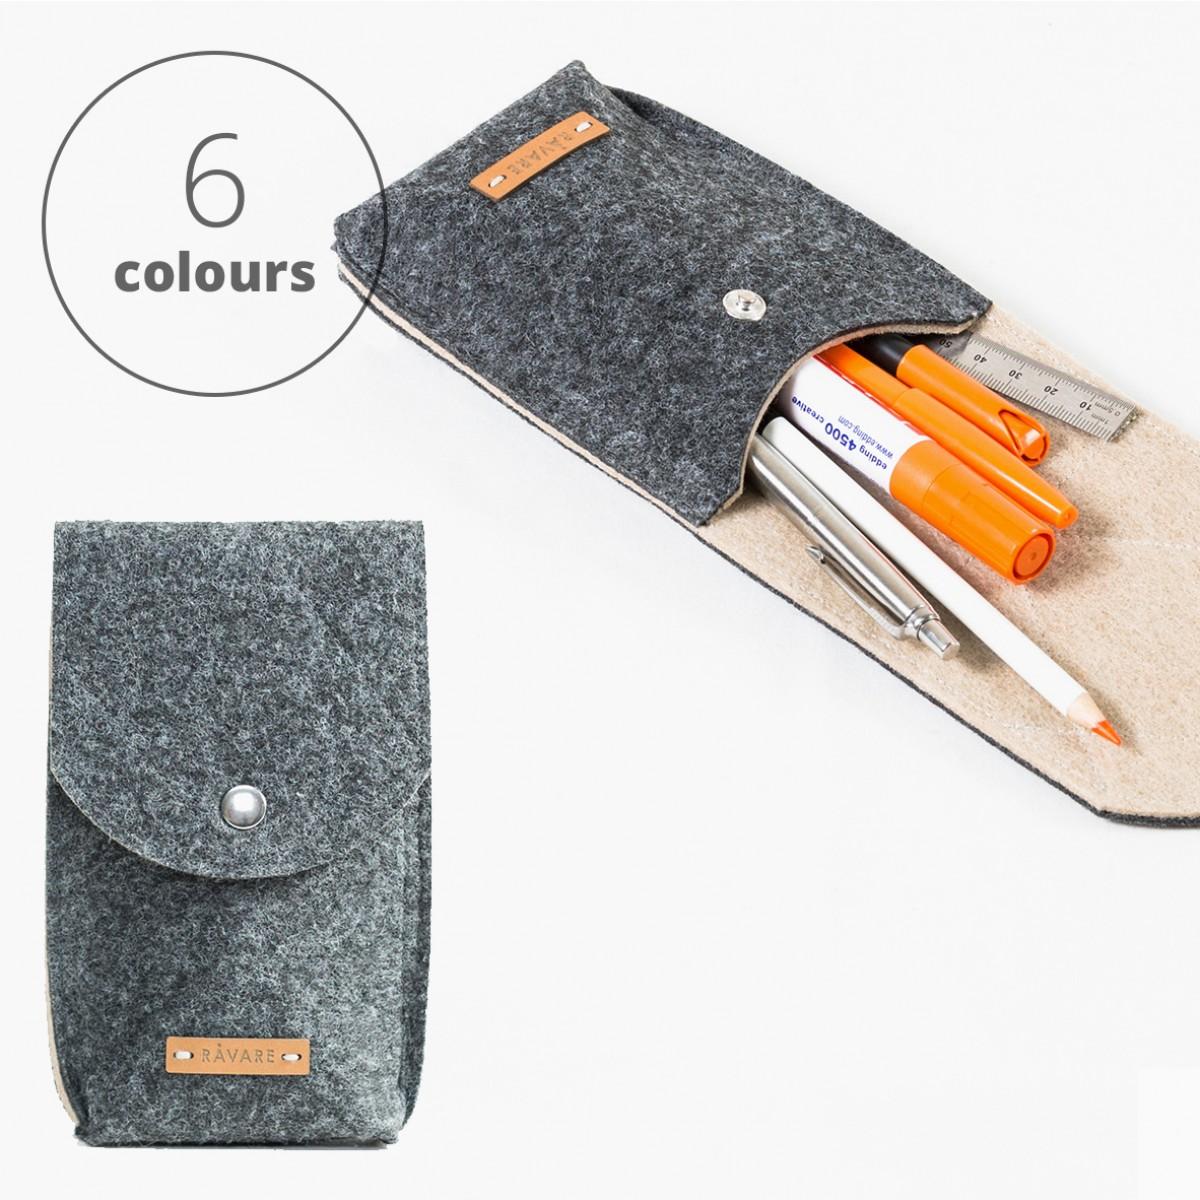 RÅVARE Stifthalter für viele Stifte & Lineal, Stiftemäppchen, Stiftetui, Federmäppchen, Federmappe in verschiedenen Farben [RUKA]